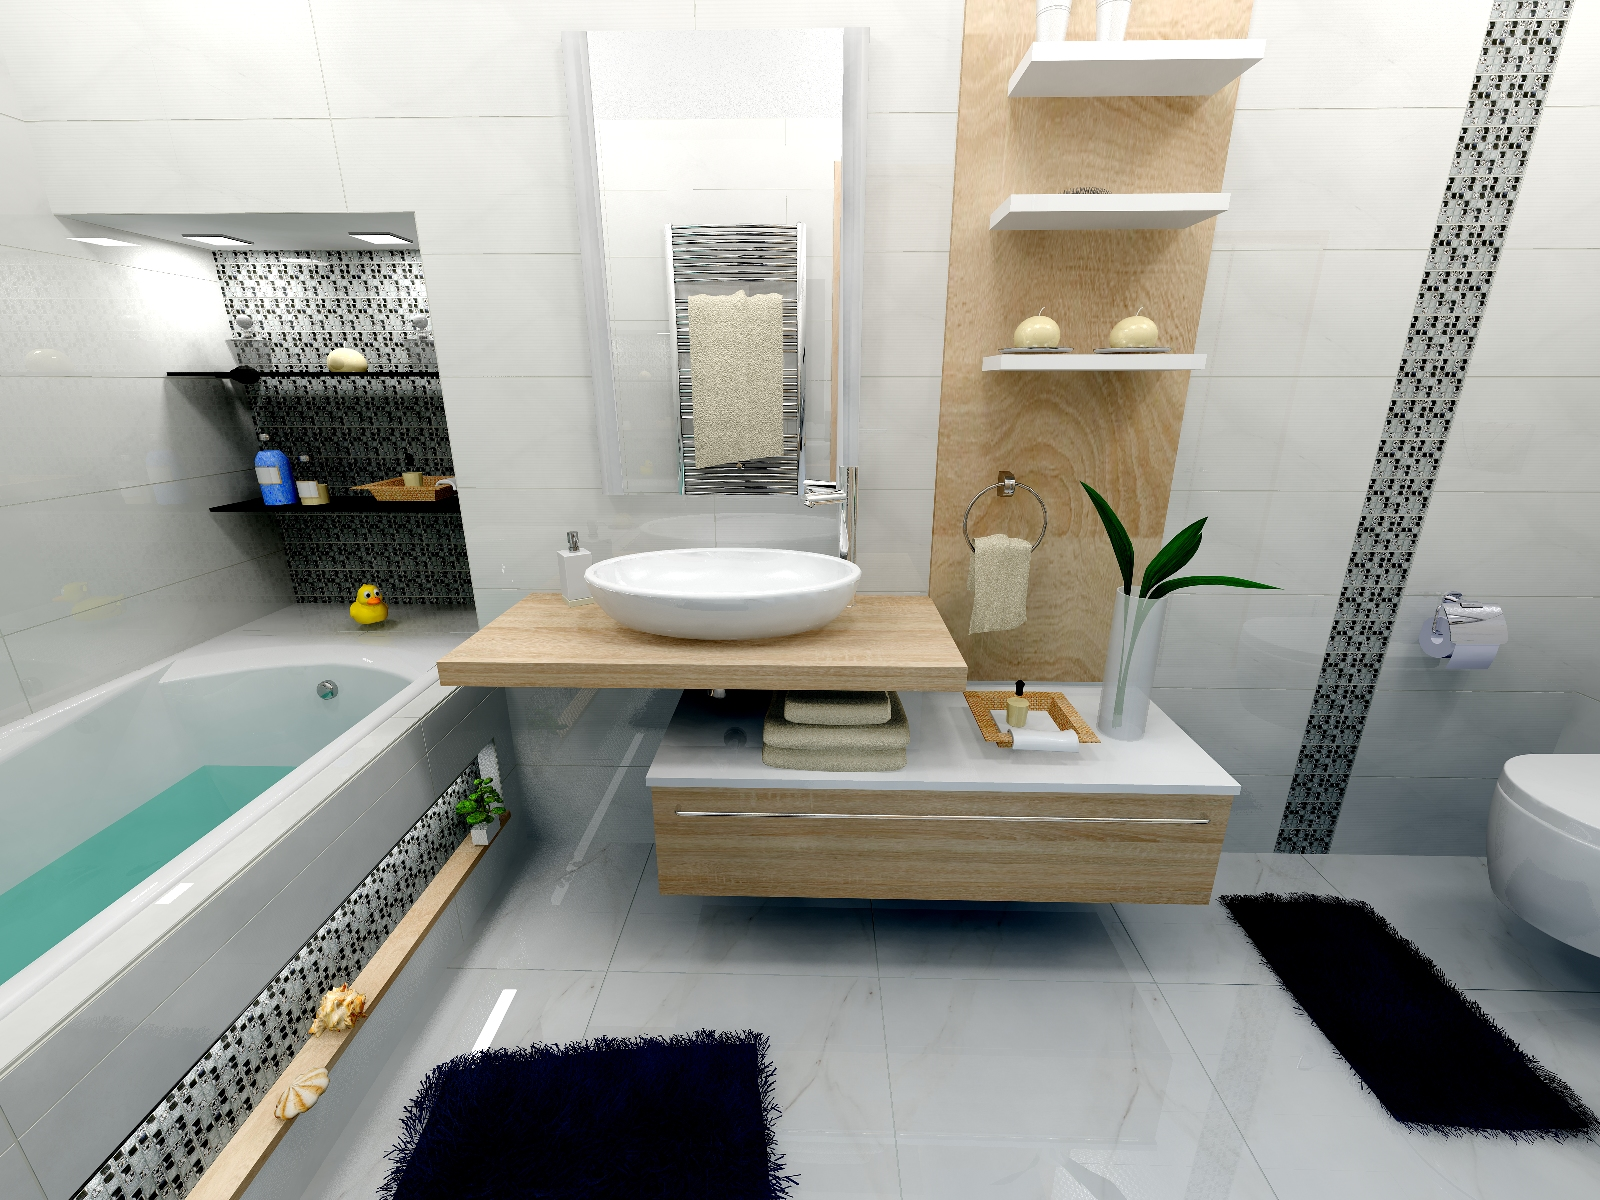 Ragno Royale Bathroom By juditkomuves() on ViSoft360 Portal